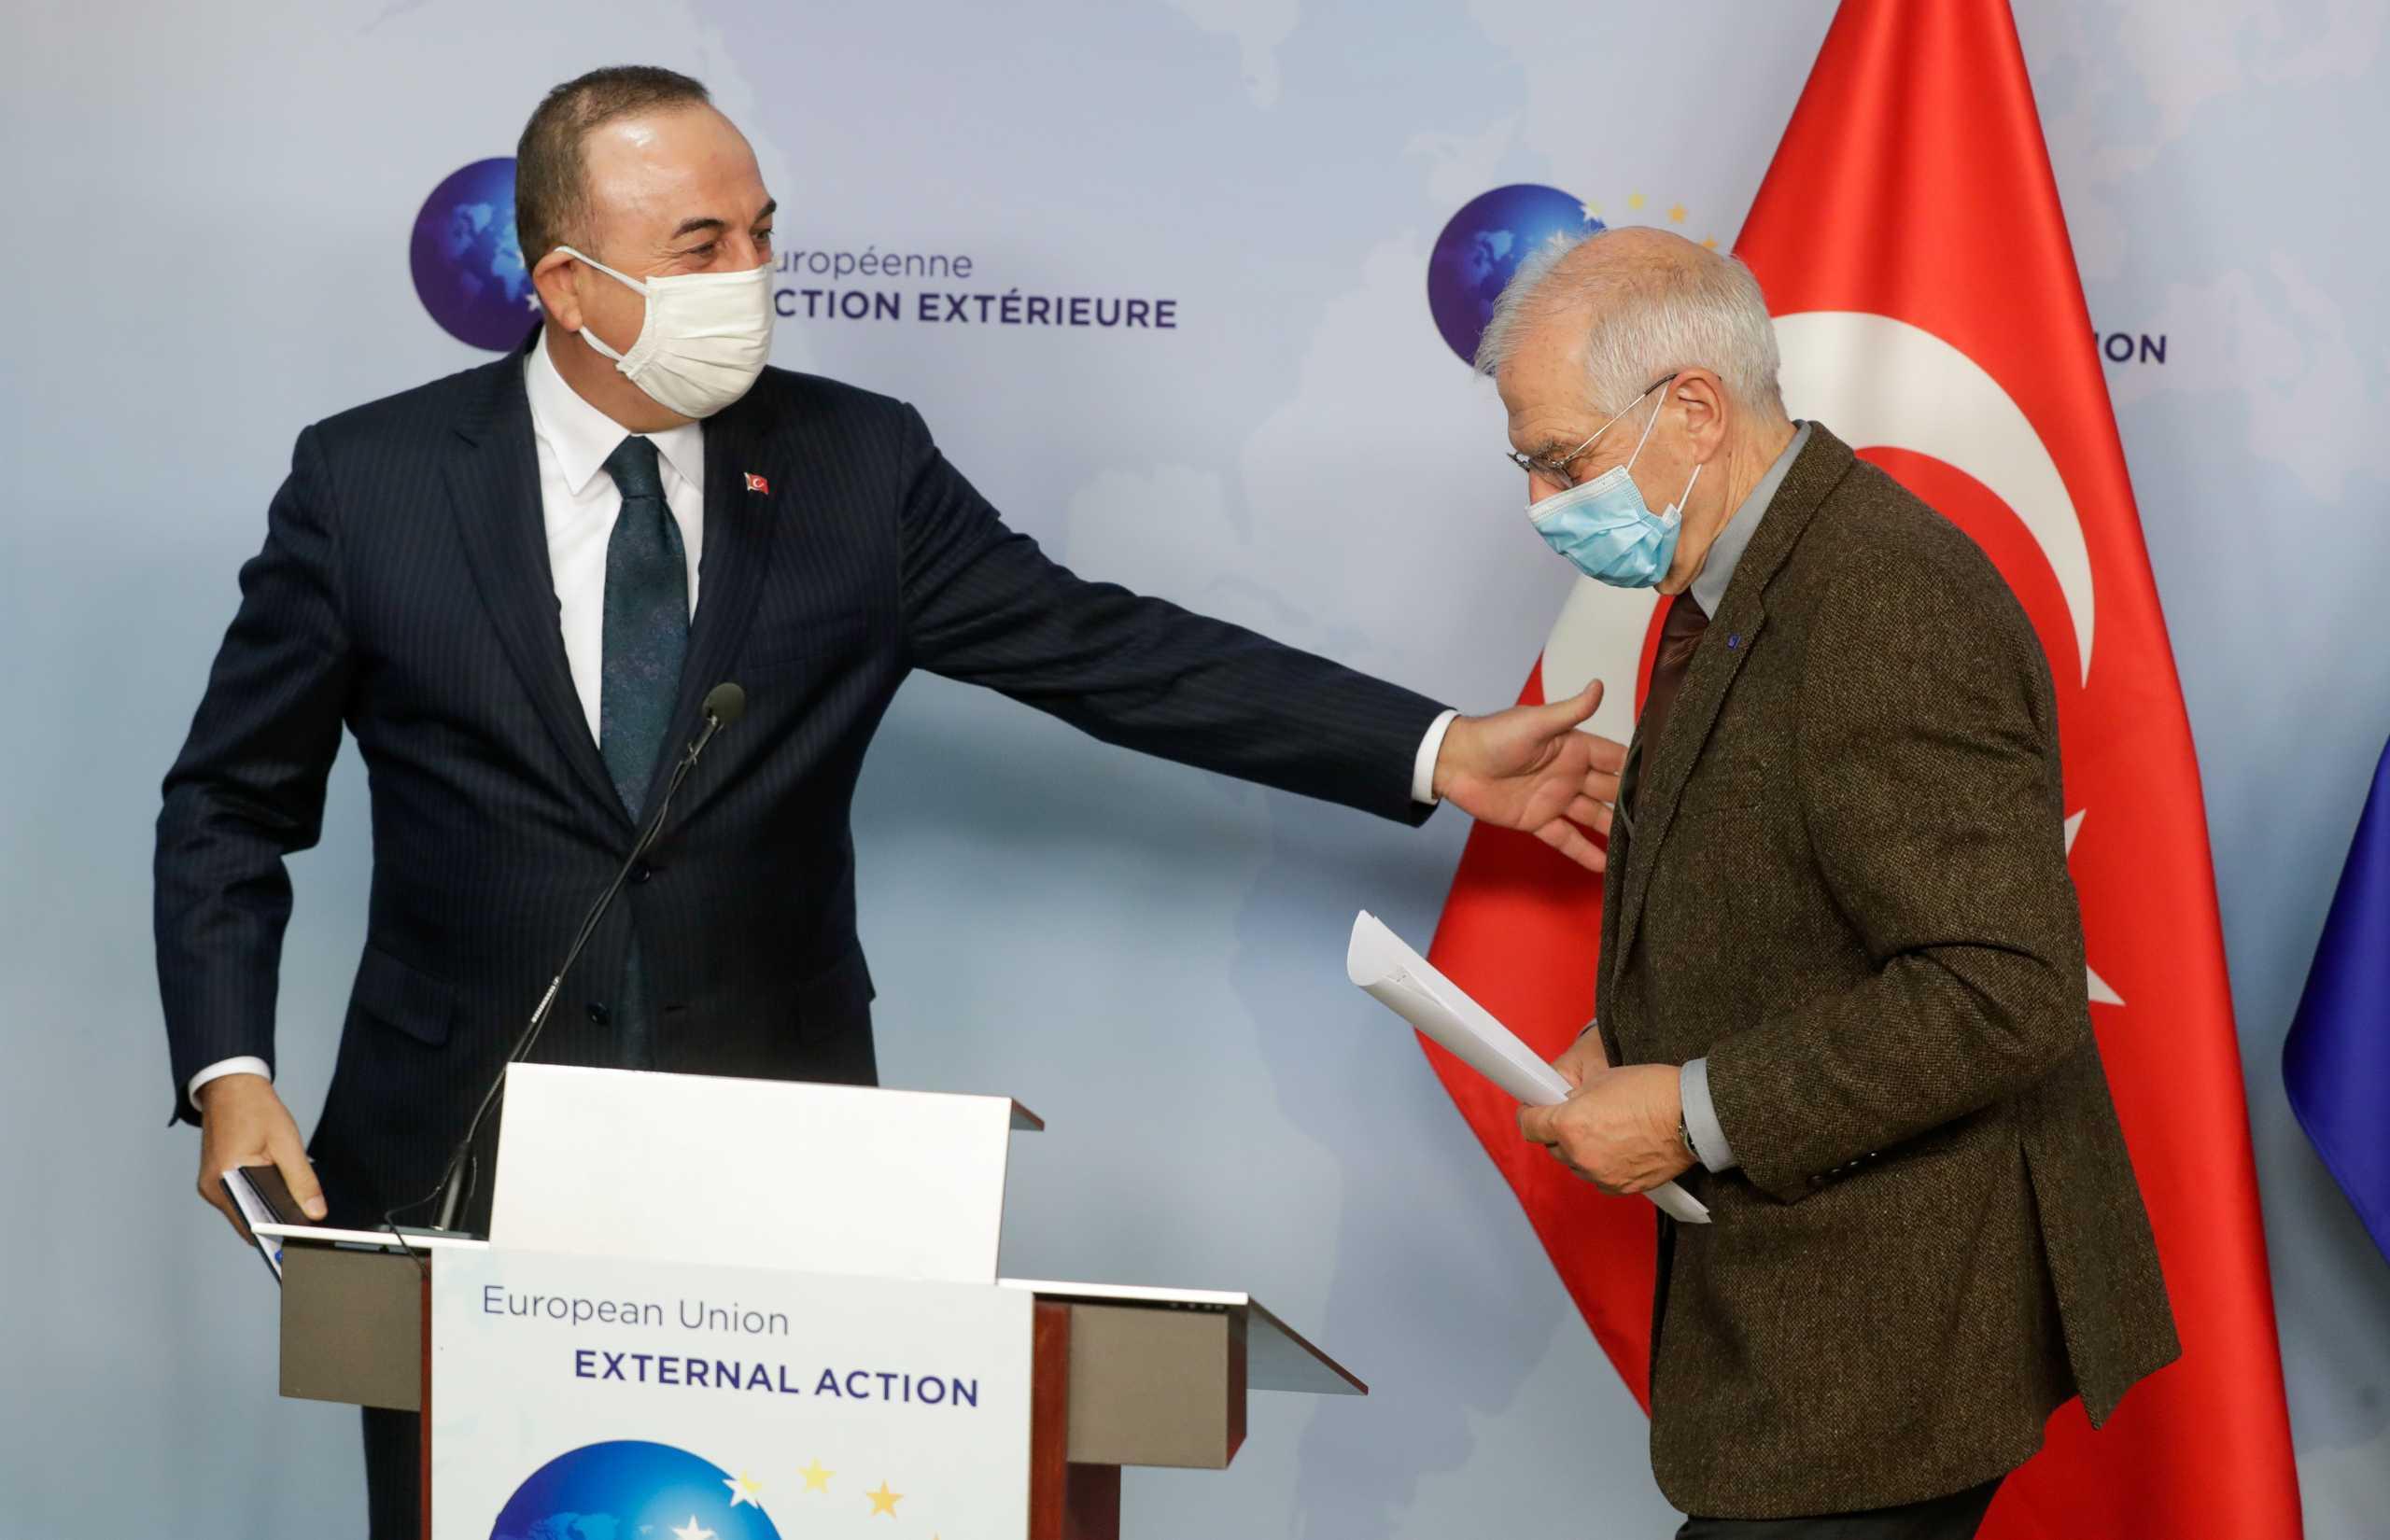 ΕΕ: Μπορέλ και Τσαβούσογλου συζήτησαν τις μελλοντικές εξελίξεις με έμφαση στην Ανατολική Μεσόγειο